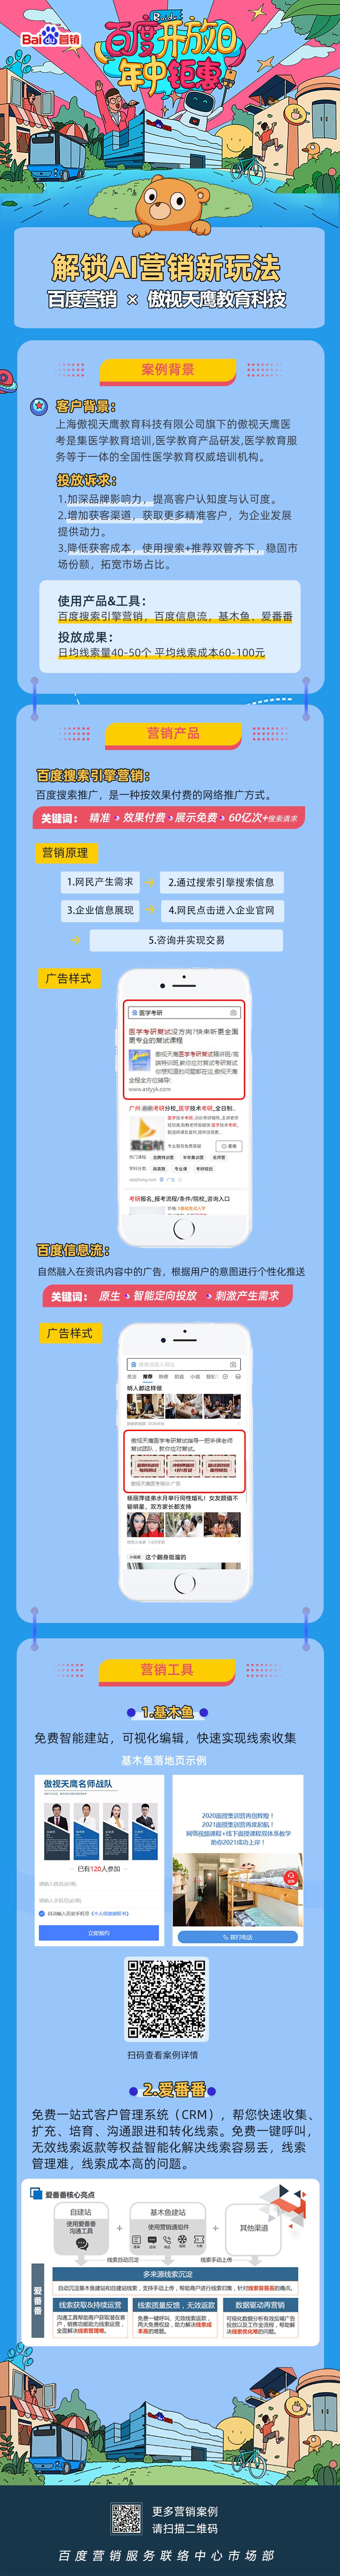 上海傲视天鹰教育科技有限公司.jpg